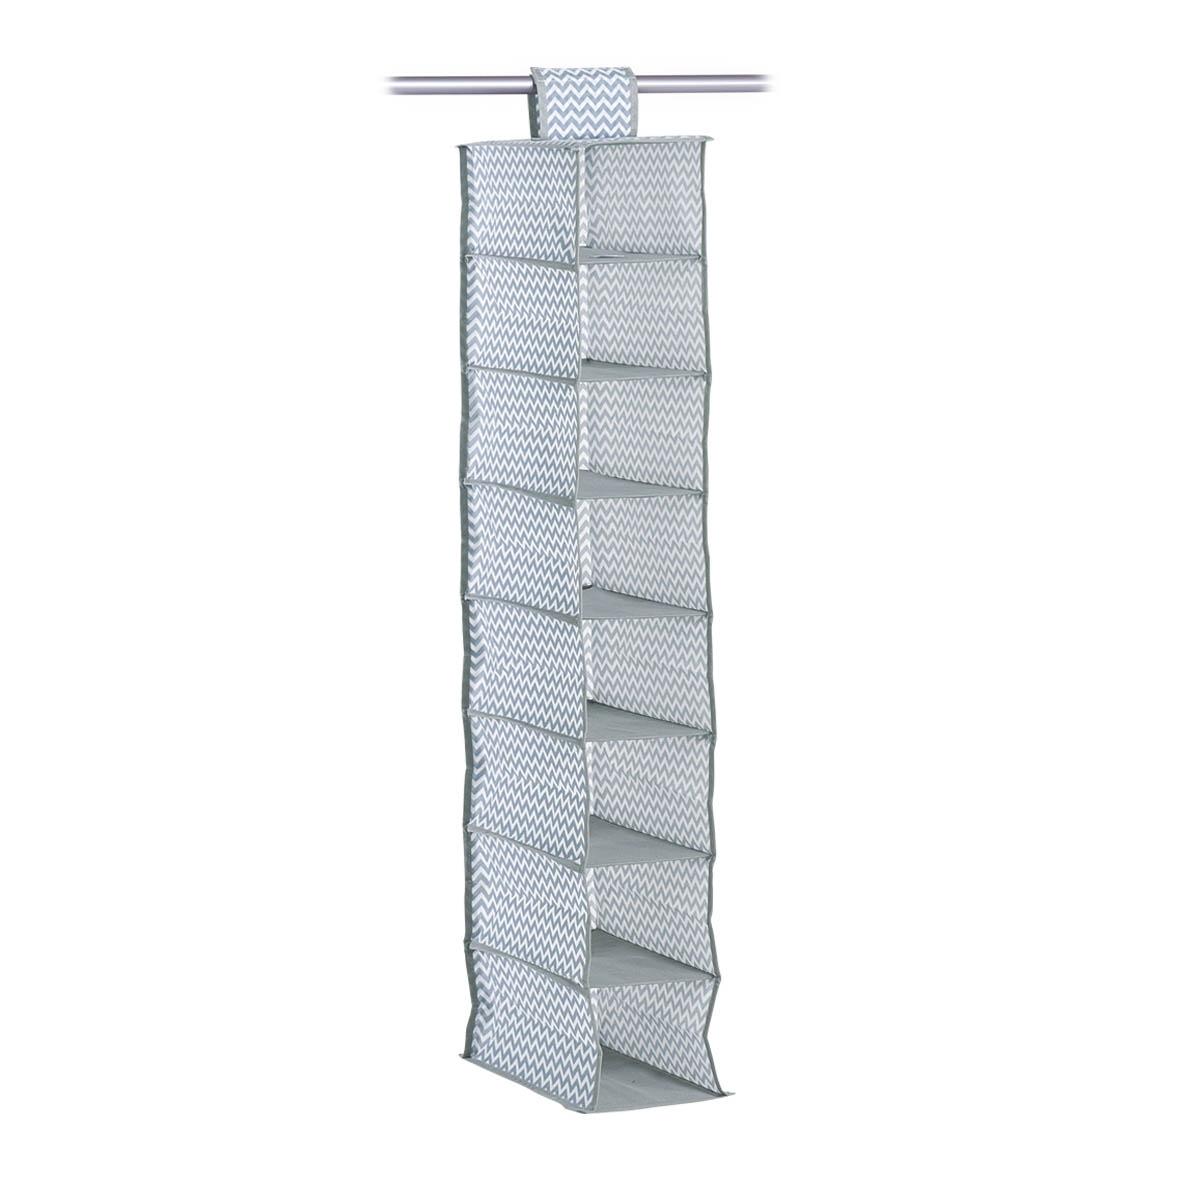 Organizator textil pentru dulap, Alb / Gri Zig Zag, l18xA30xH105 cm poza